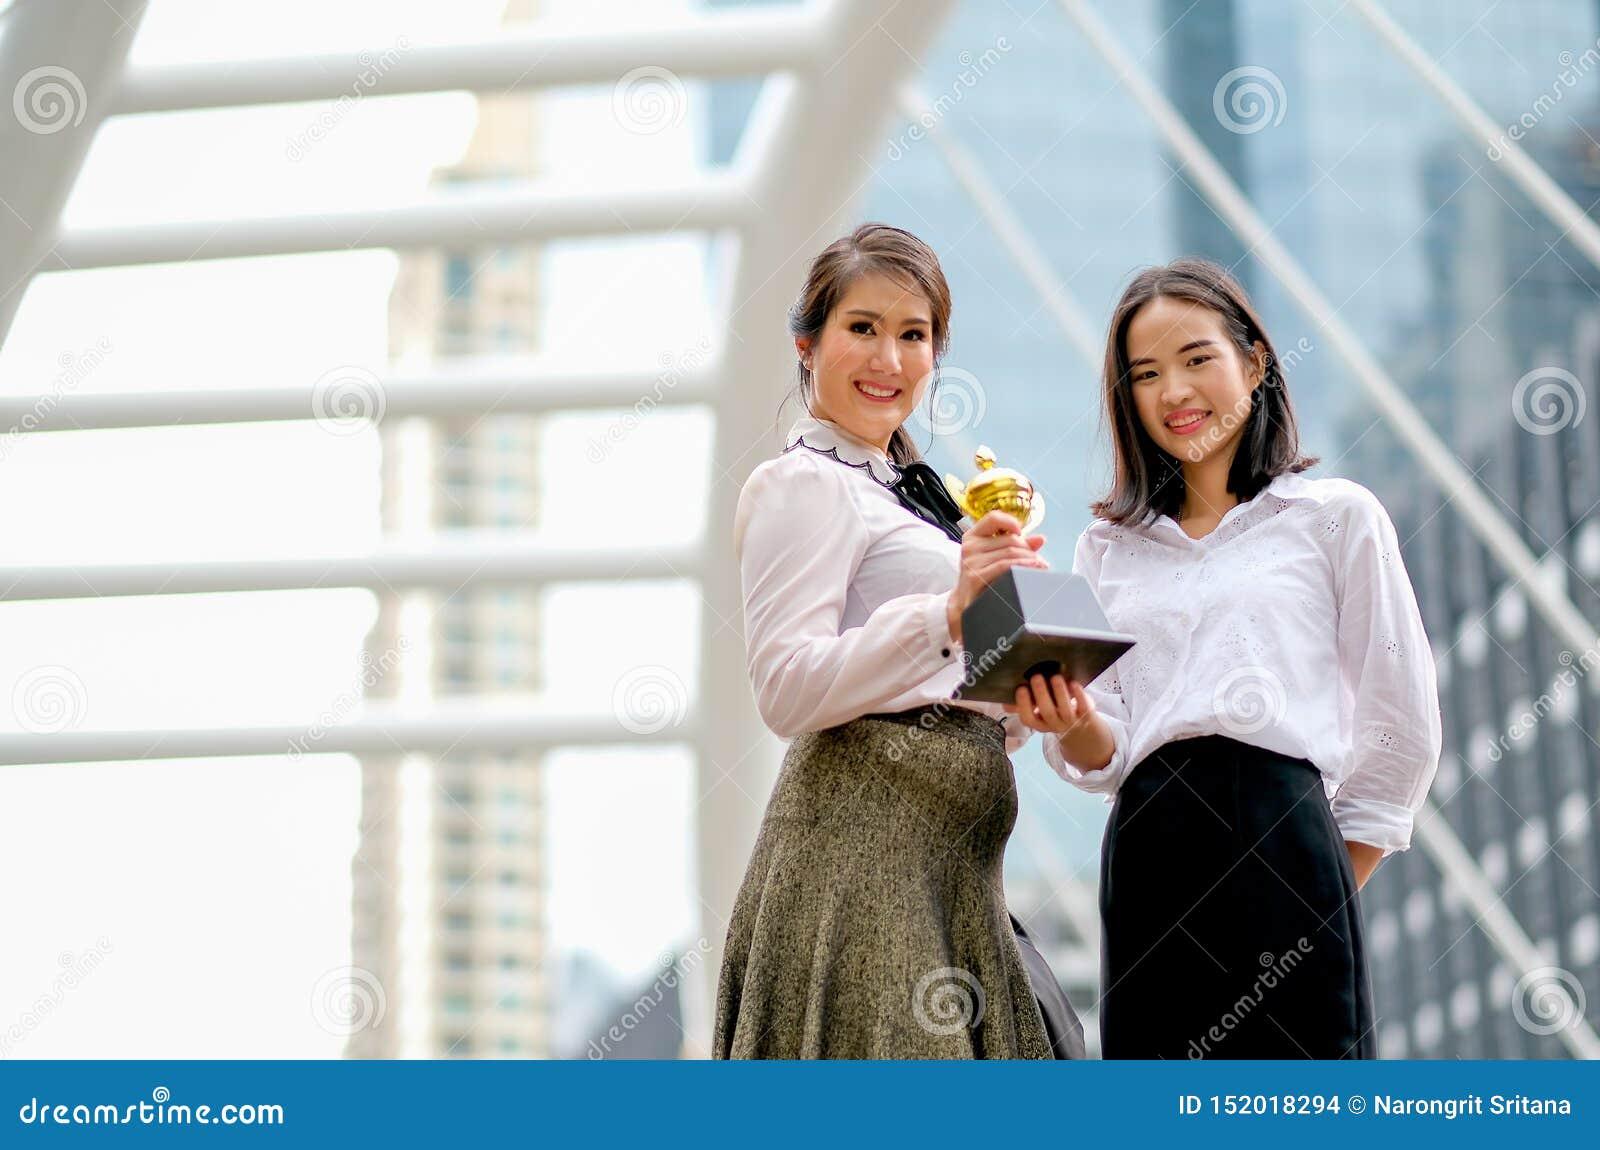 Schöne Geschäftsmädchen zeigen ihre Trophäe des Erfolgs in ihren Arbeiten und stehen unter dem hohen Gebäude in der Stadt